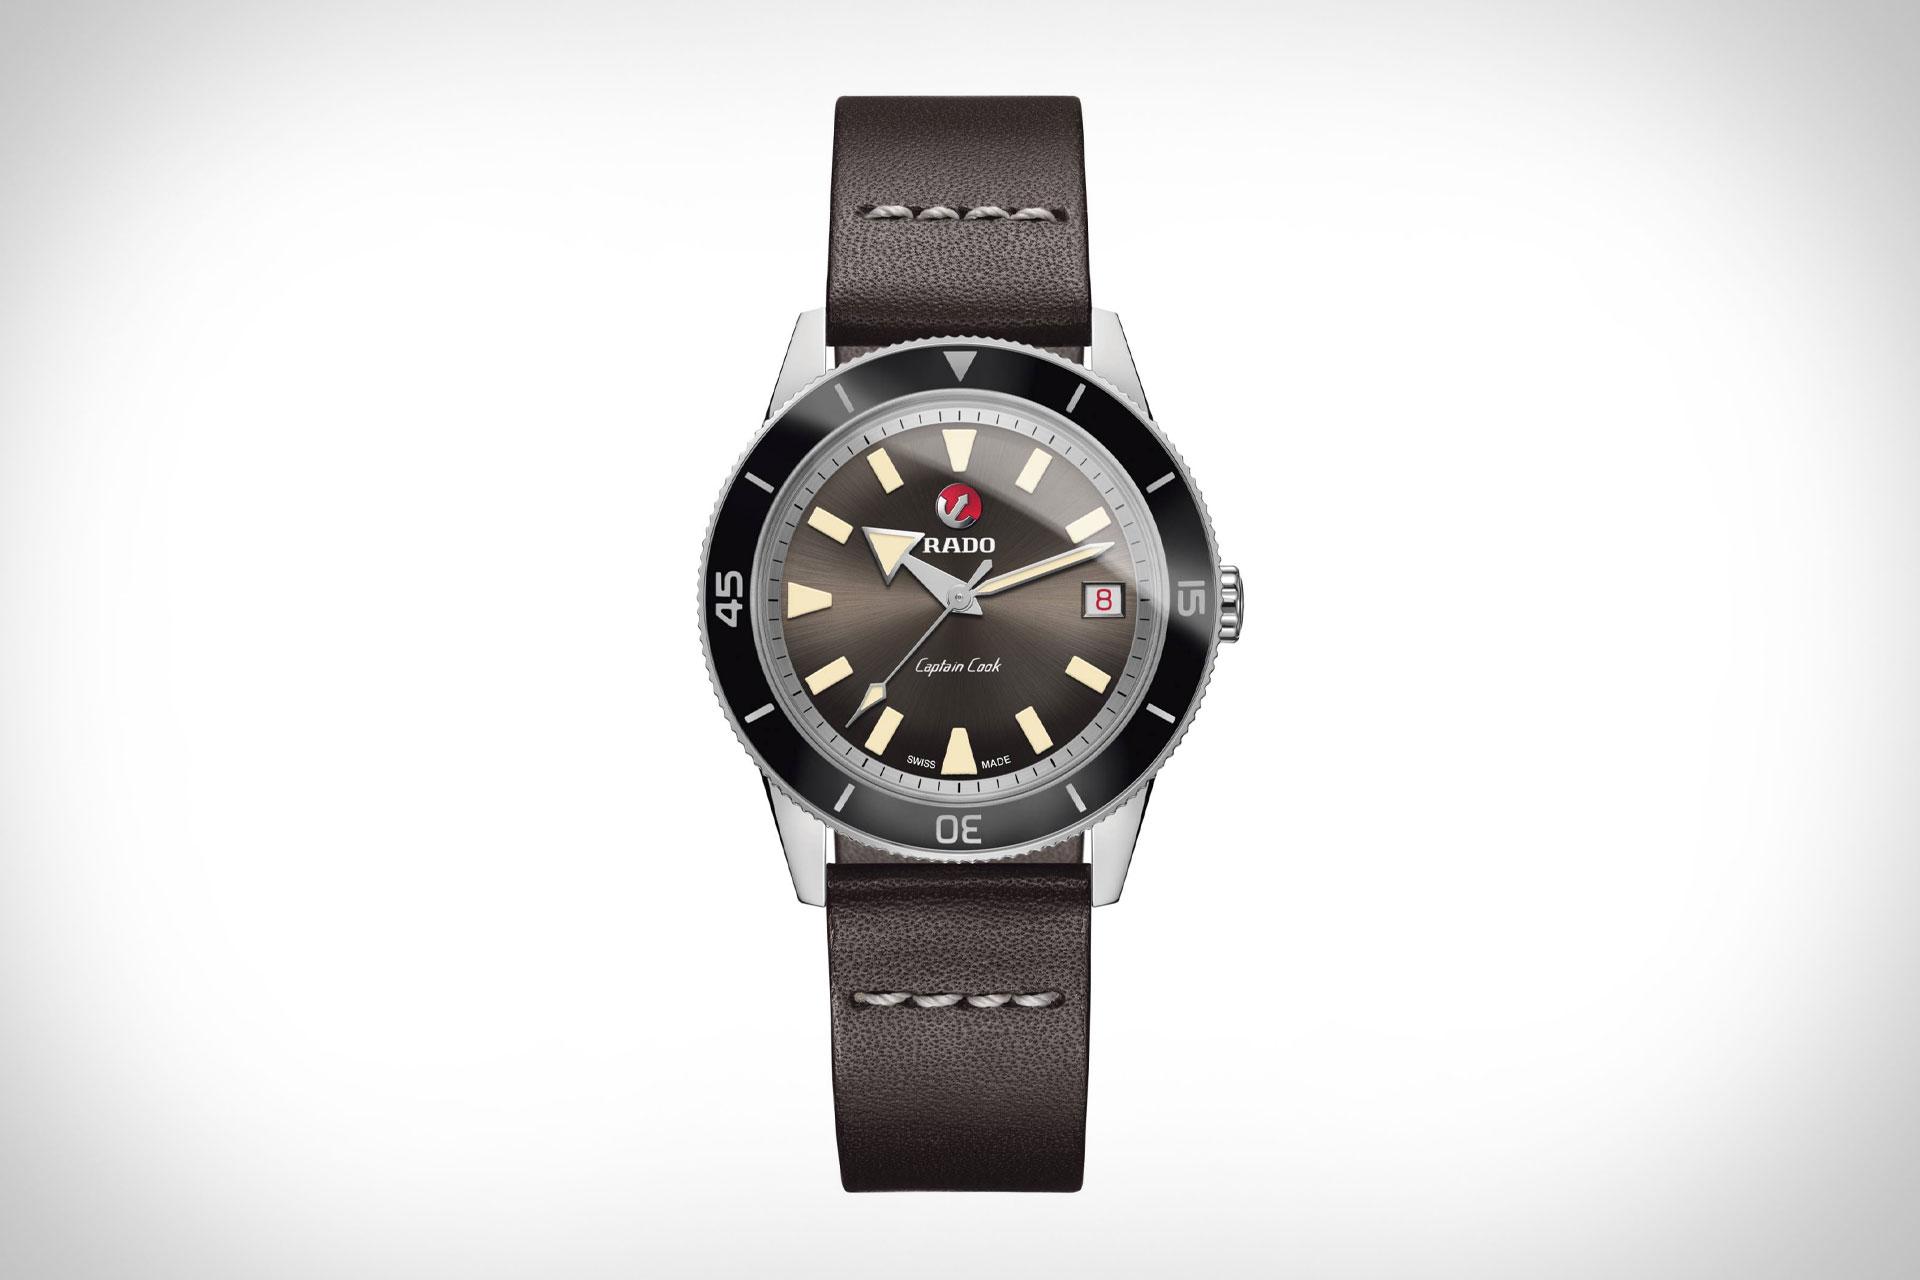 雷达限量版 皓星系列 库克船长手表